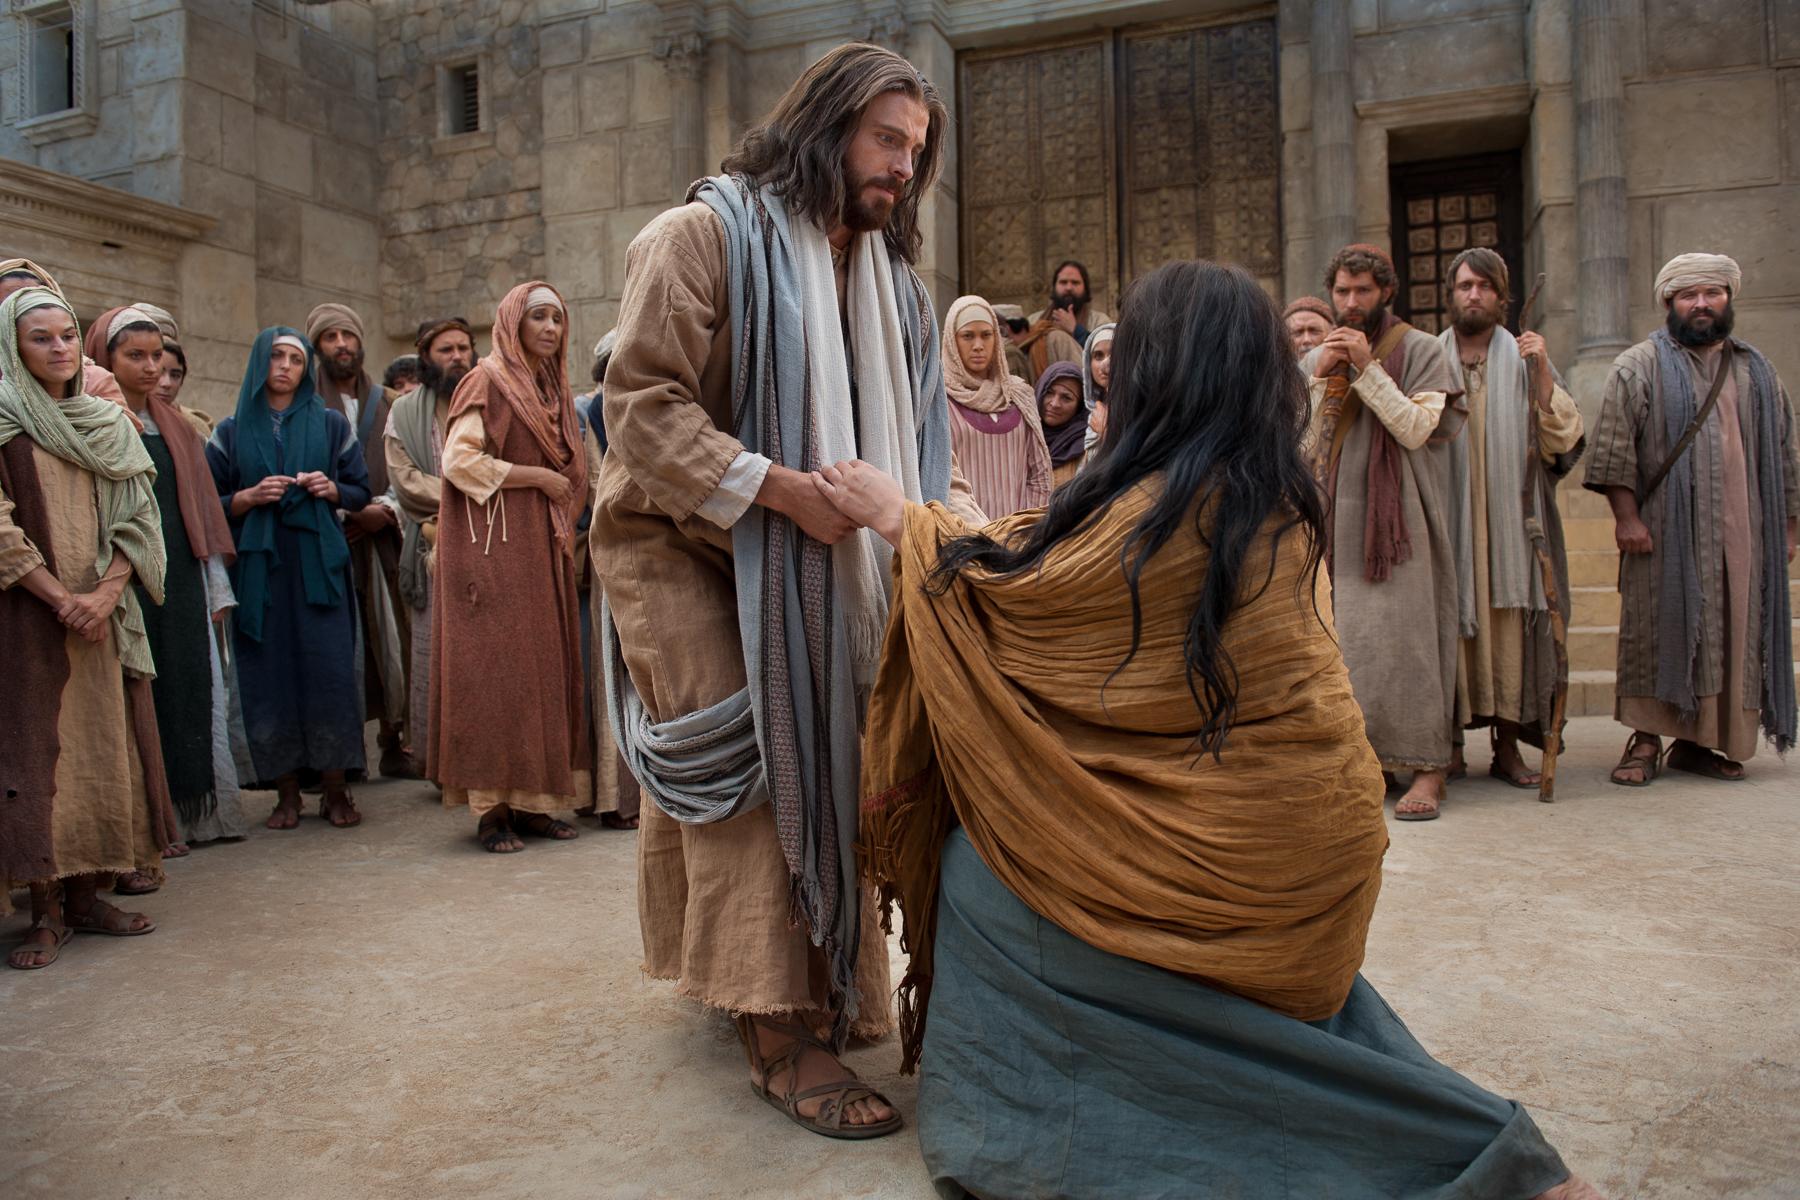 Что такое рукоблудие — грех, пустяк, норма?